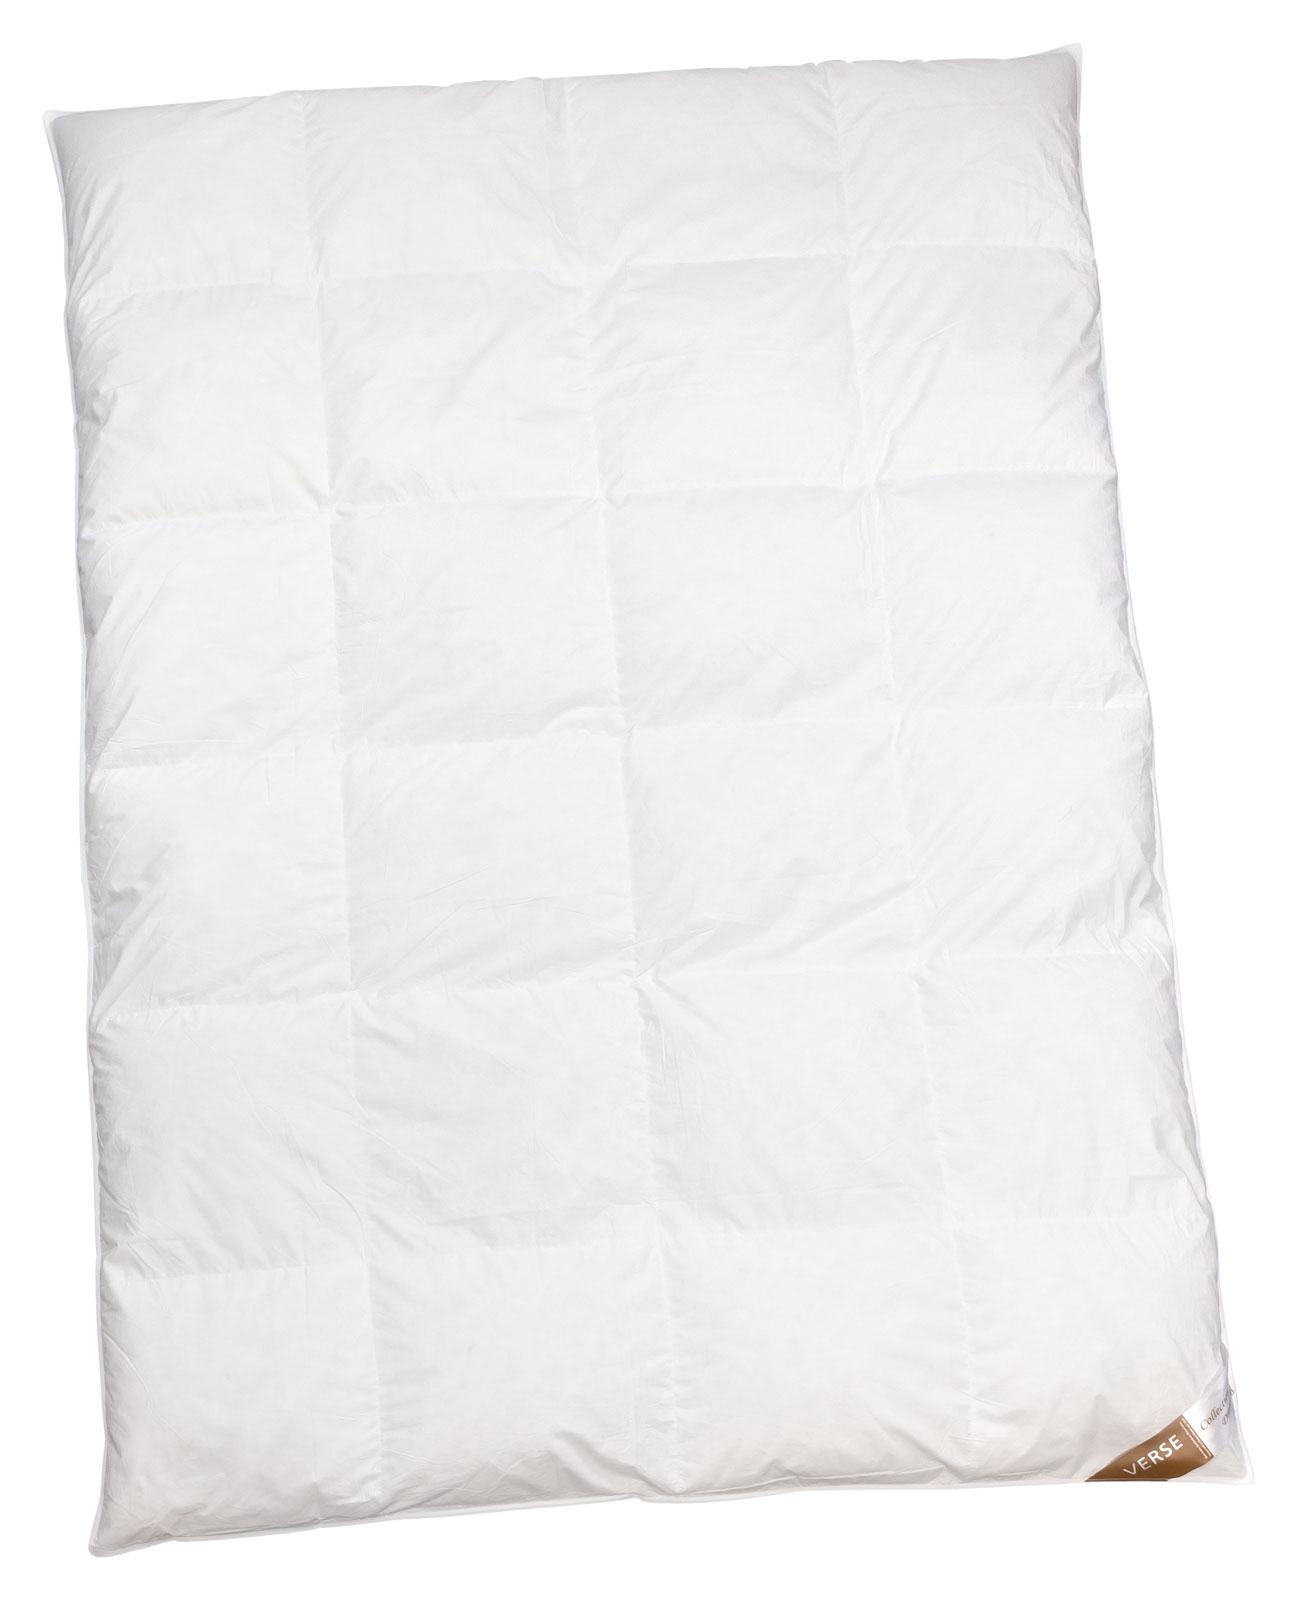 Bettdecken und Kopfkissen - Ganzjahresdecke leicht Daunen Bettdecke 240x220 Verse Collection Dreaming  - Onlineshop PremiumShop321